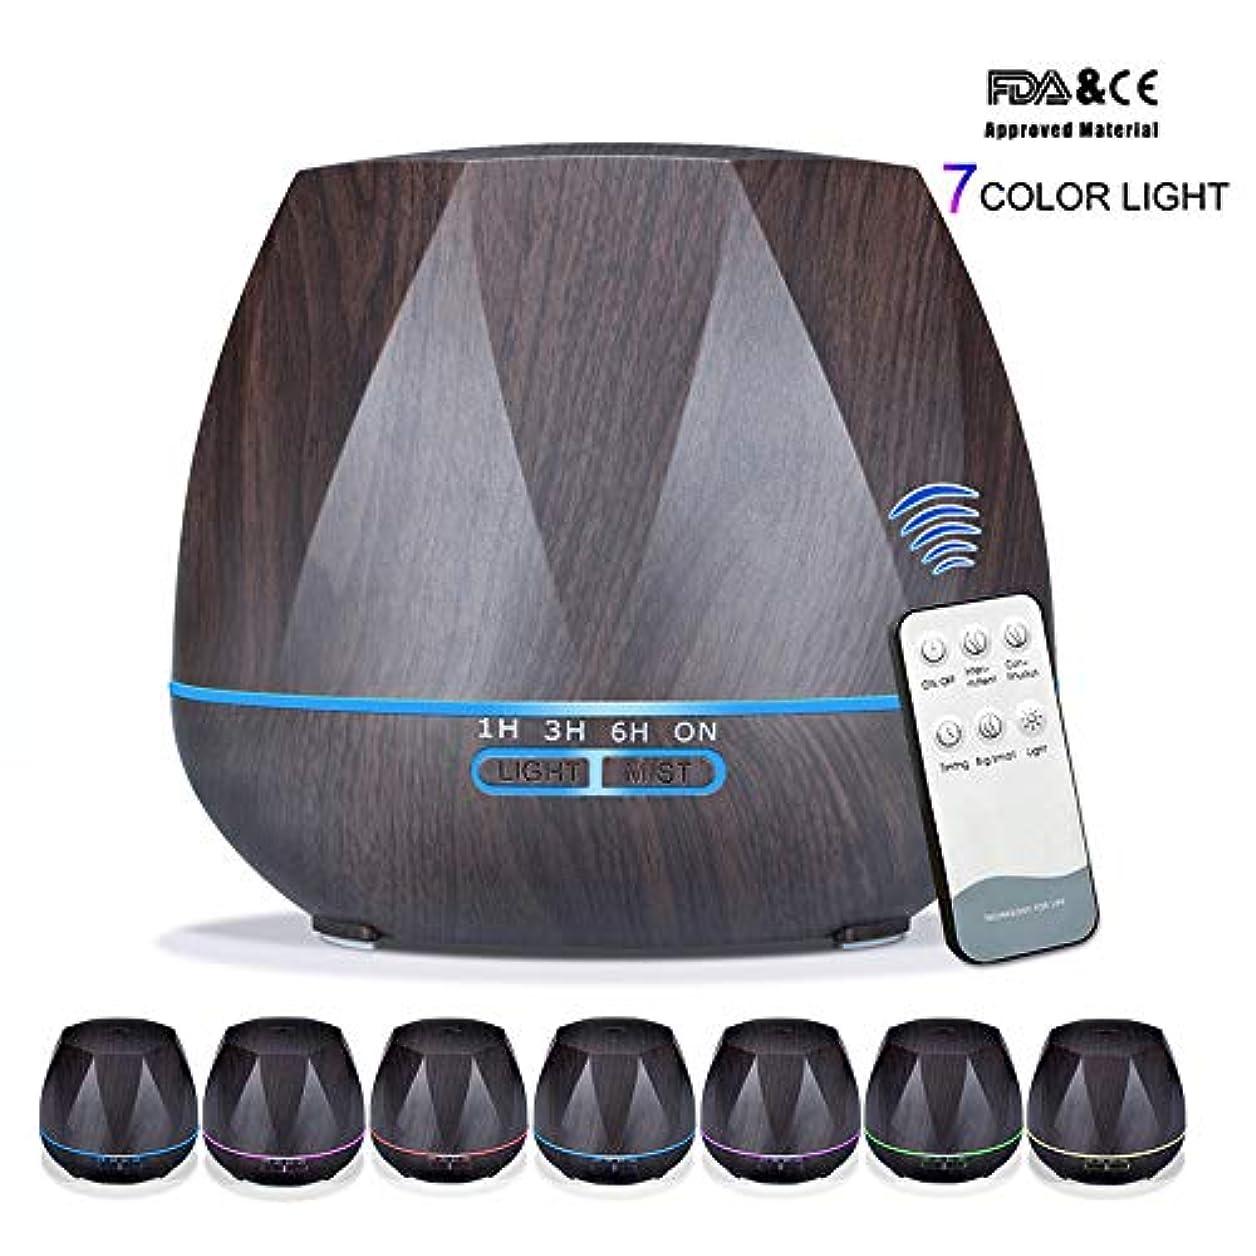 ブロック古い東アロマセラピーエッセンシャルオイルアロマディフューザーリモートコントロール7色LEDライトホームエアアロマディフューザー加湿器550ML,Black,Remote